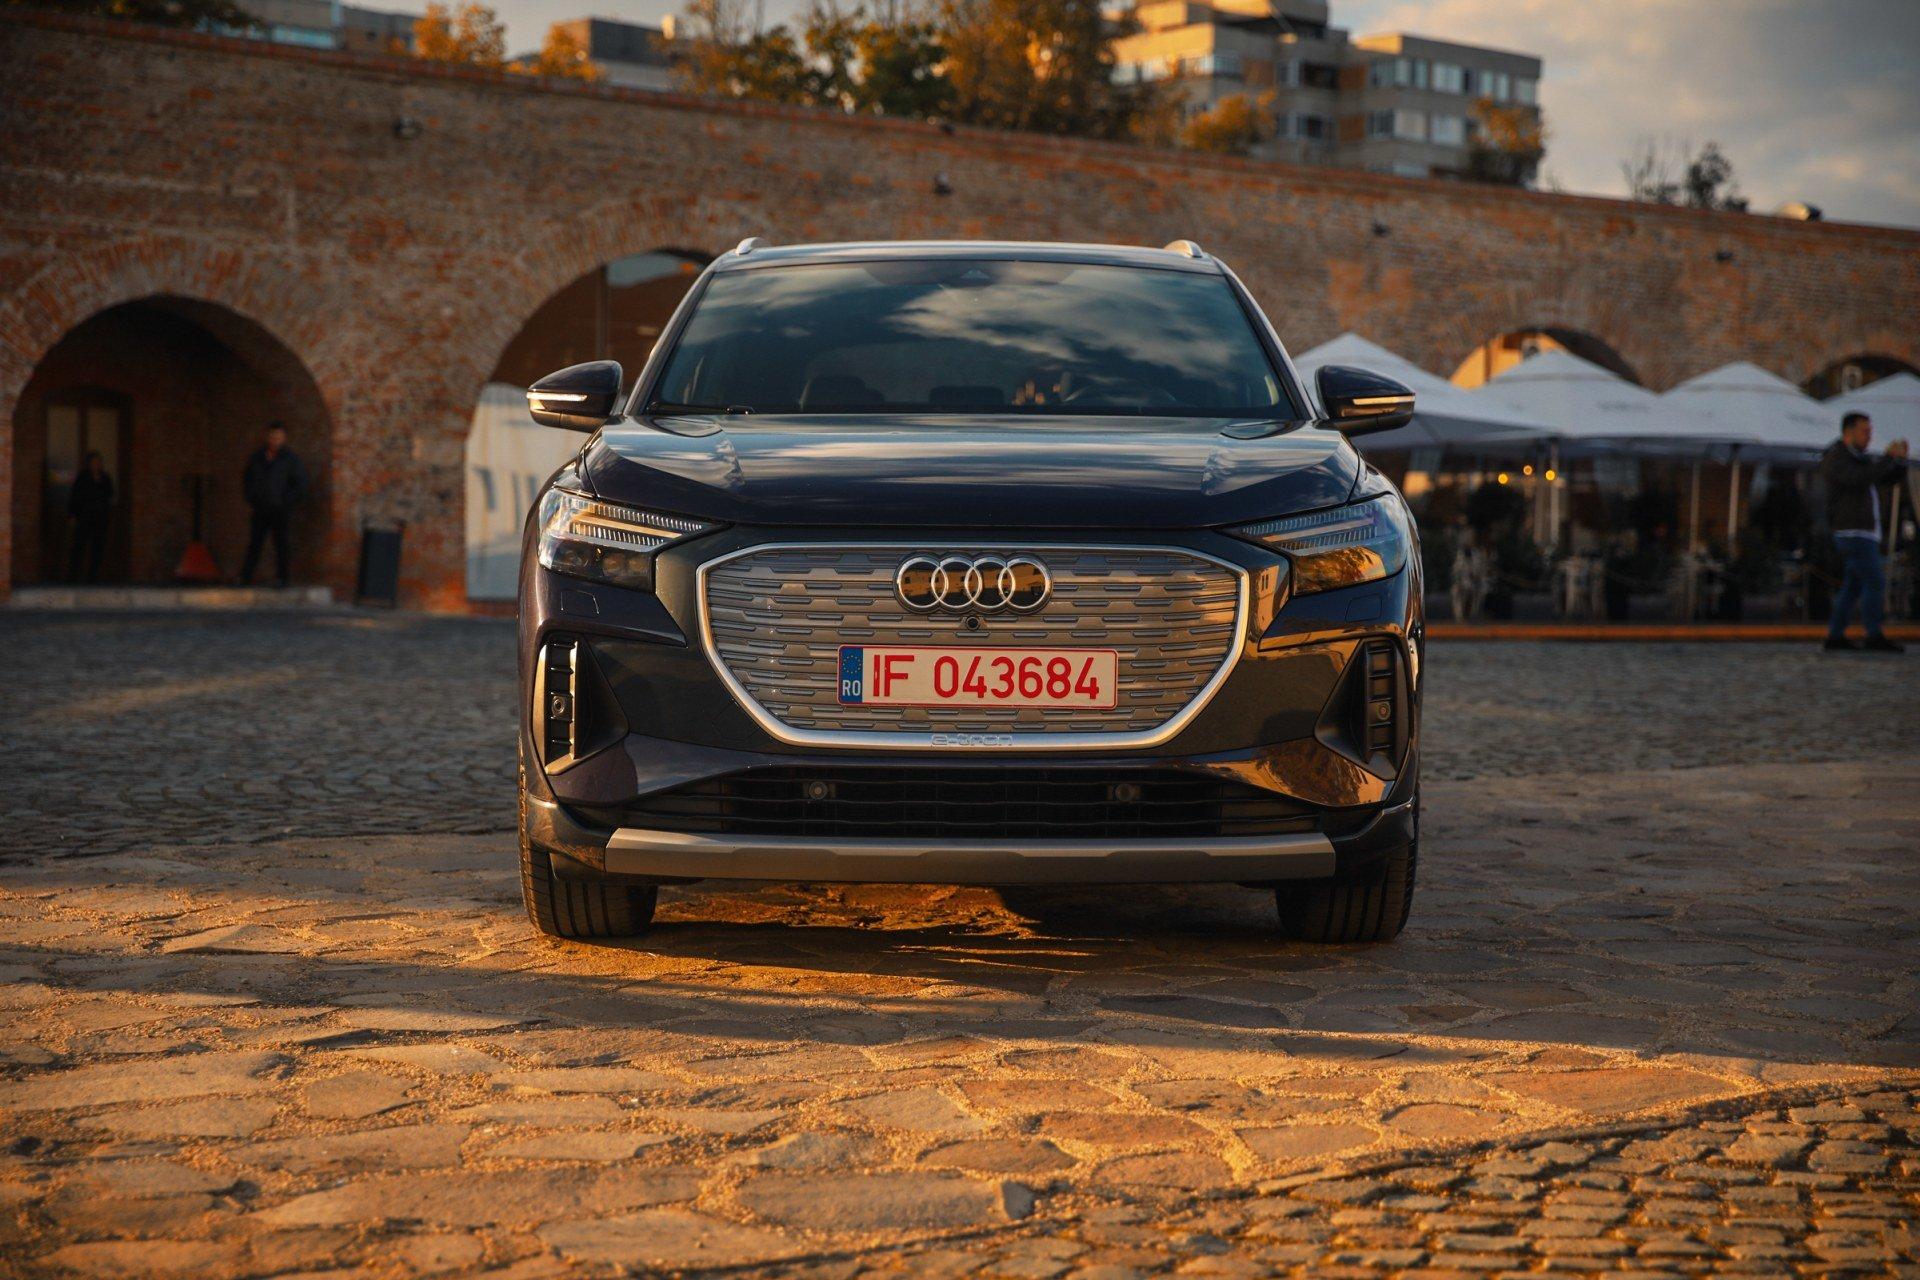 driven-2021-audi-q4-e-tron-50-quattro-audi-s-version-of-the-id4_36.jpg